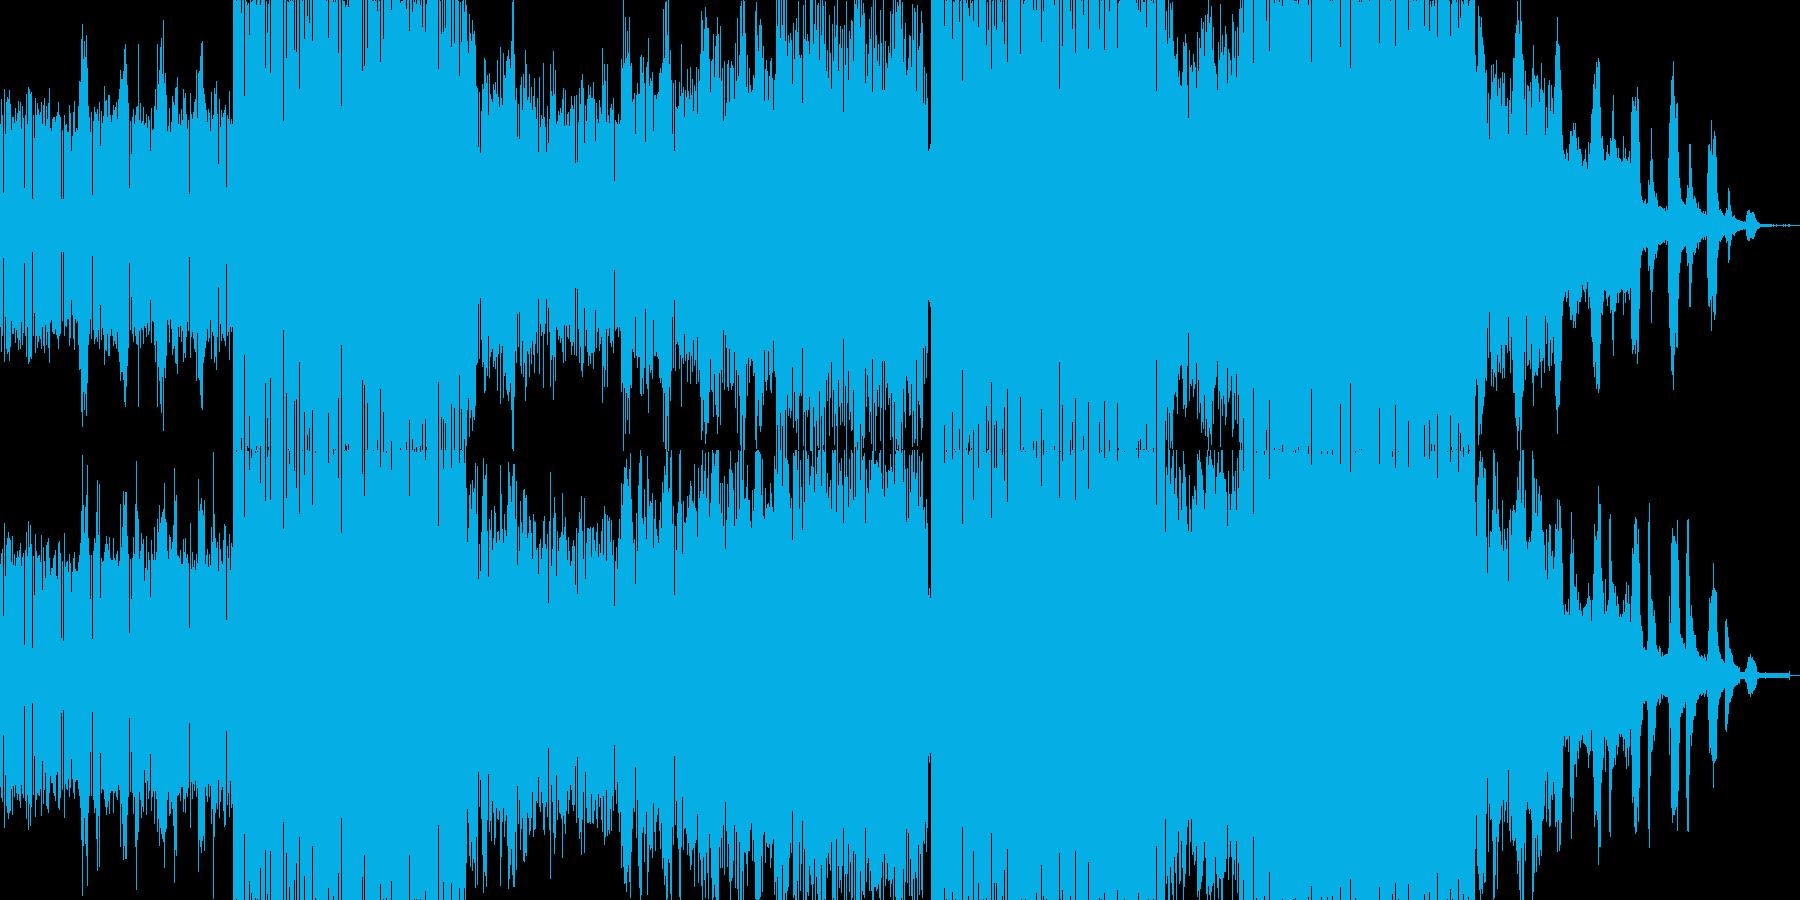 春×テクノ のイメージです。電子音が中…の再生済みの波形